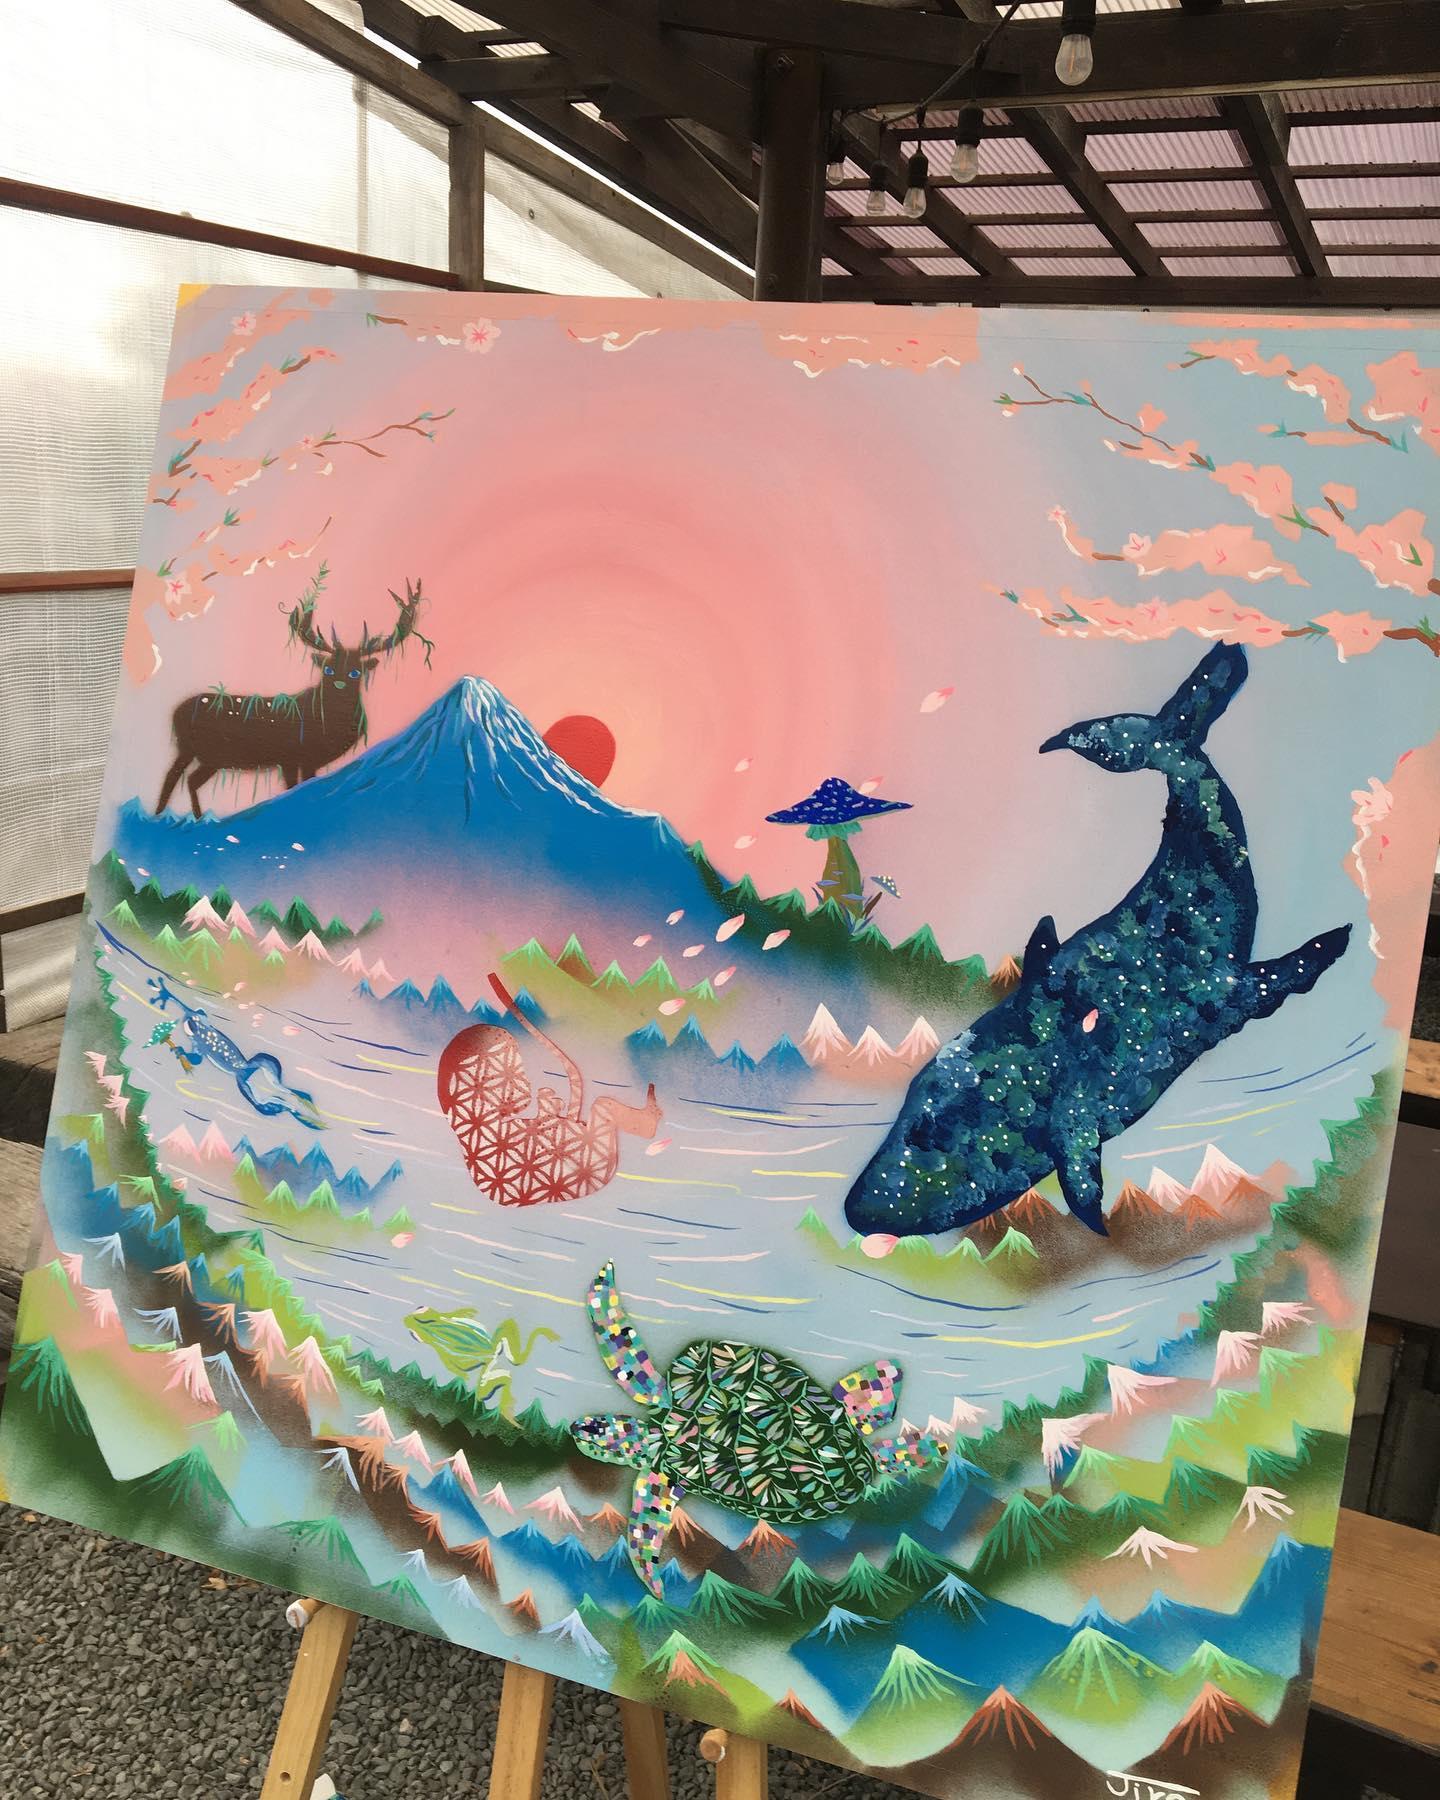 おはようございます。今日もお花見日和♪昨日は@jiro_artworks くんがお花見ライブペイントで素敵な絵を描いてくれていました♪お花見期間中、なごみに展示してくれています。ぜひぜひご覧下さいね︎今日もなごみオープン。素敵な出店者さん達もきてくれています。.28日の出店者さん●ちえパン●@kochannonikuman こーちゃんの肉まん●@piksknot ドライフラワーのスワッグ、リース●シスター軒スパイスカレー.●@shuwoodentableware 木のカトラリー.●砂丘砂絵@sakyu.sunae 砂絵体験ワークショップ●デンリコ皮細工●@ippuku_dokoro_tomoni_81 オニオングラタンスープ牡蠣など.シスタさんのゲリラお花見Liveもあるかも❣️❣️.#浜岡砂丘 #浜岡砂丘なごみ #河津さくら #camp #冬キャンプ #ゆるきゃん#ハンバーガー #長岡式酵素玄米